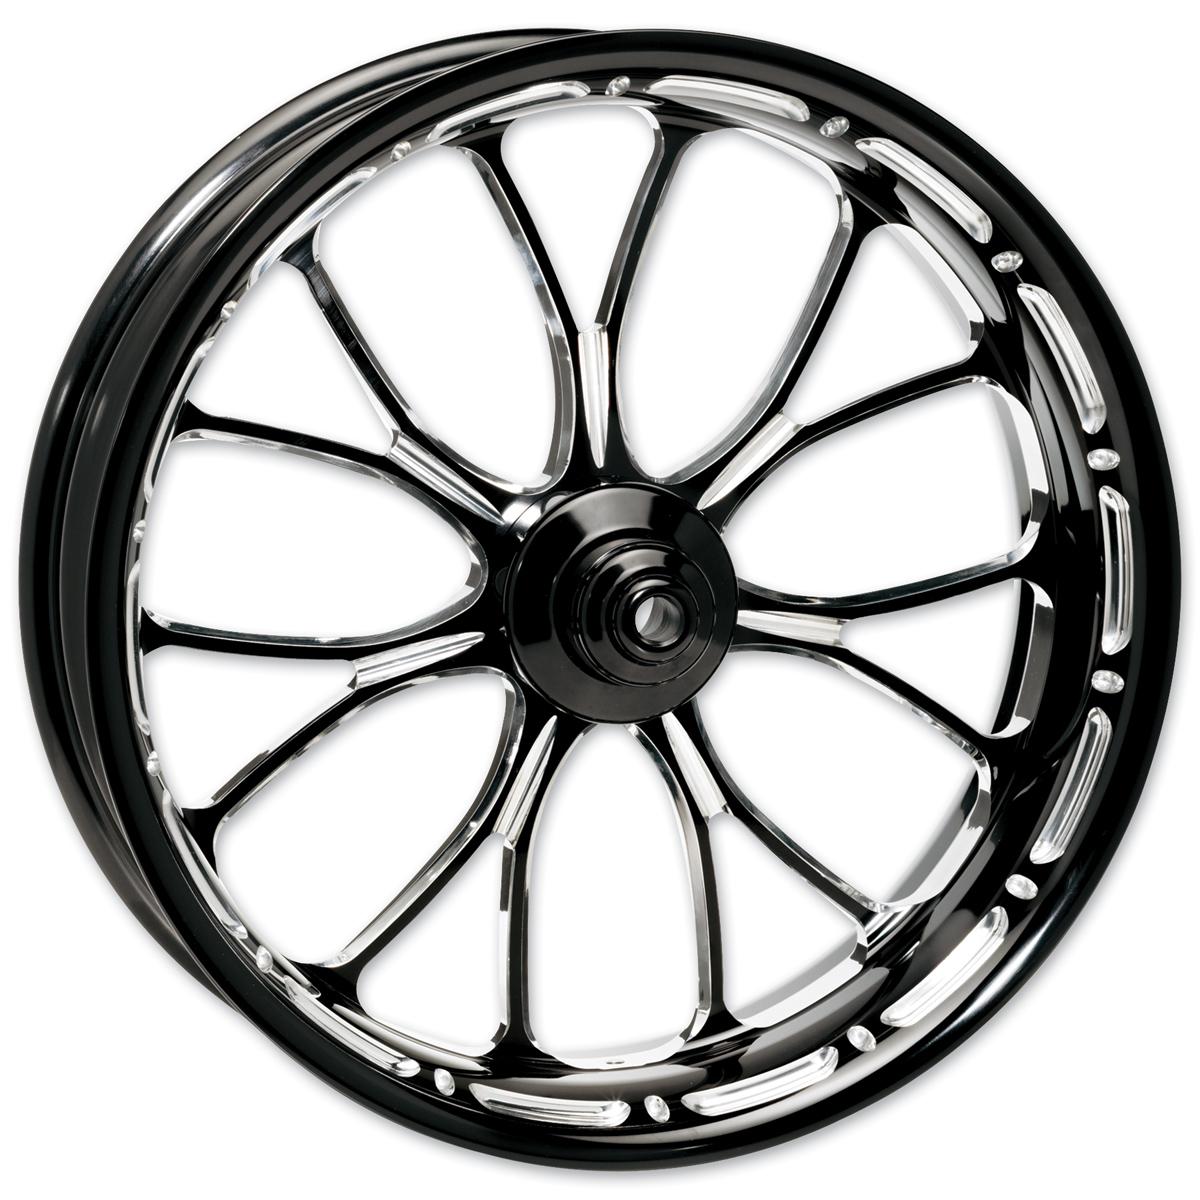 Performance Machine Heathen Platinum Cut Rear Wheel 17x17.6 ABS